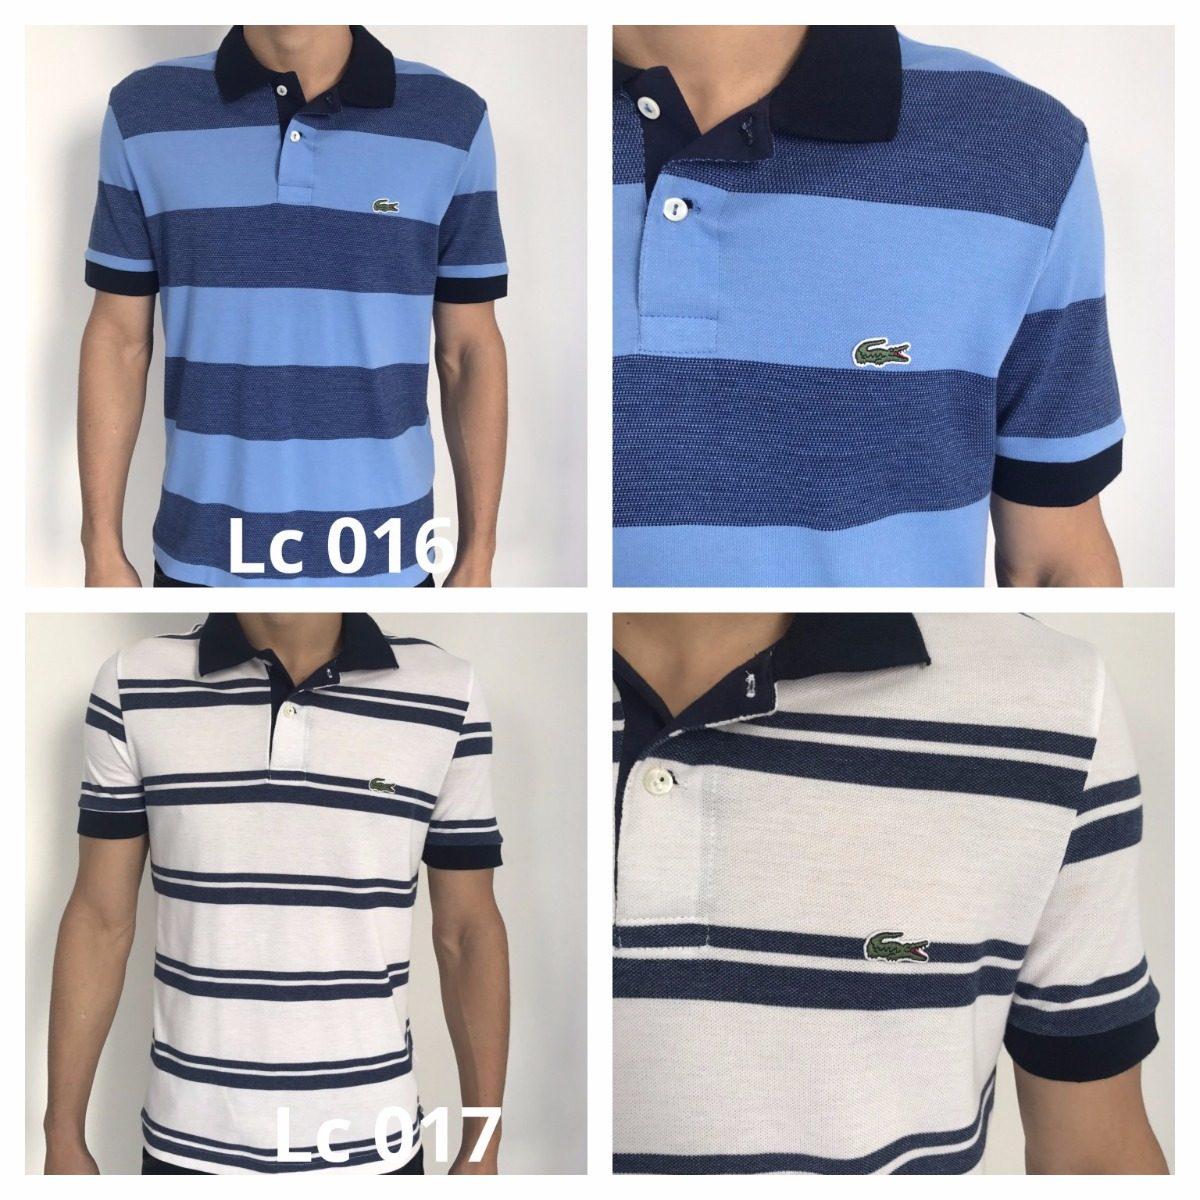 27e19a08f3d70 kit 2 camiseta polo lacoste original promoção top queima. Carregando zoom.